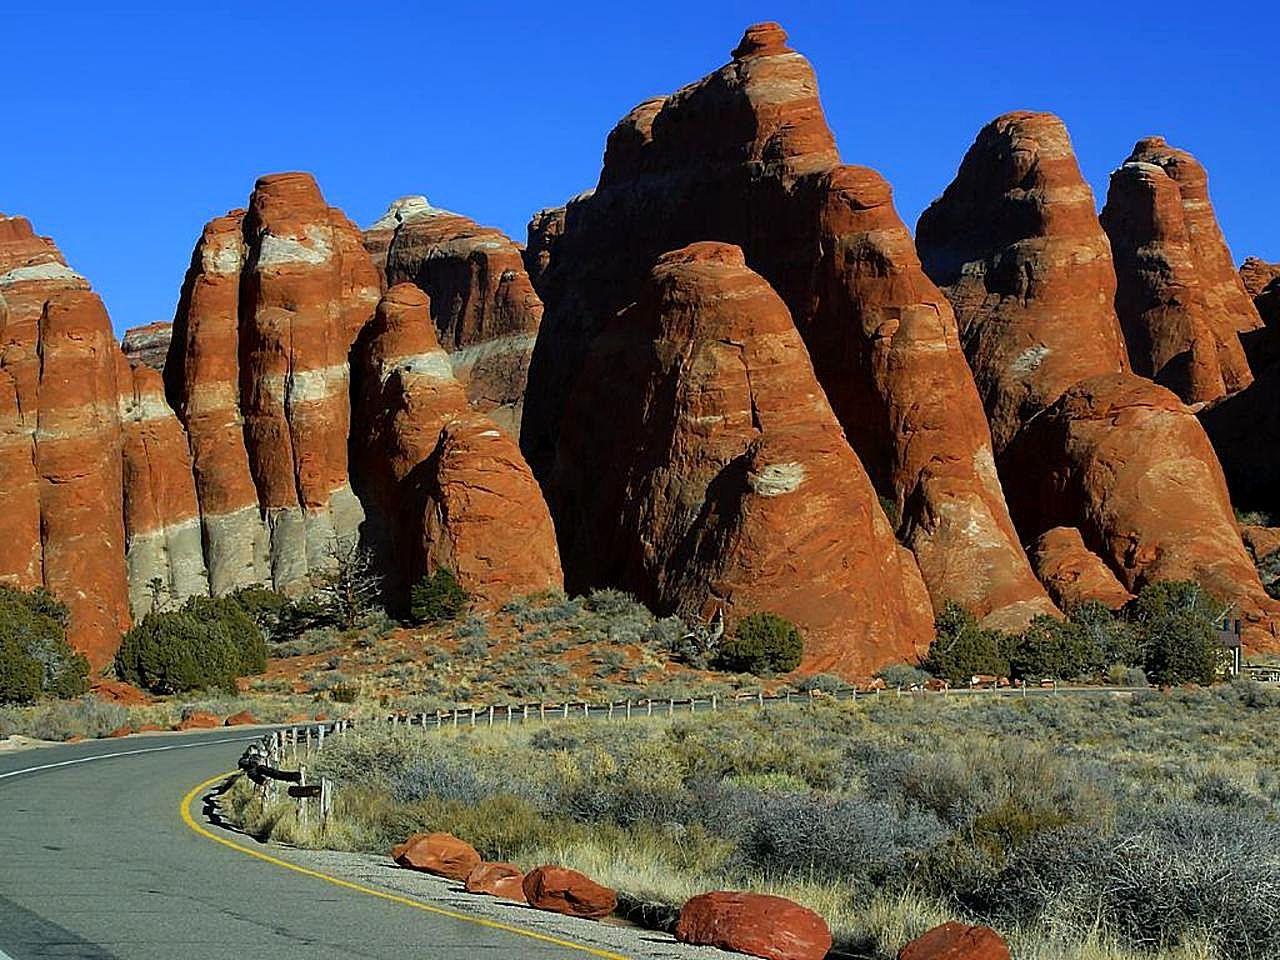 Национальный парк Арки (англ. Arches National Park) — национальный парк США, расположенный в штате Юта